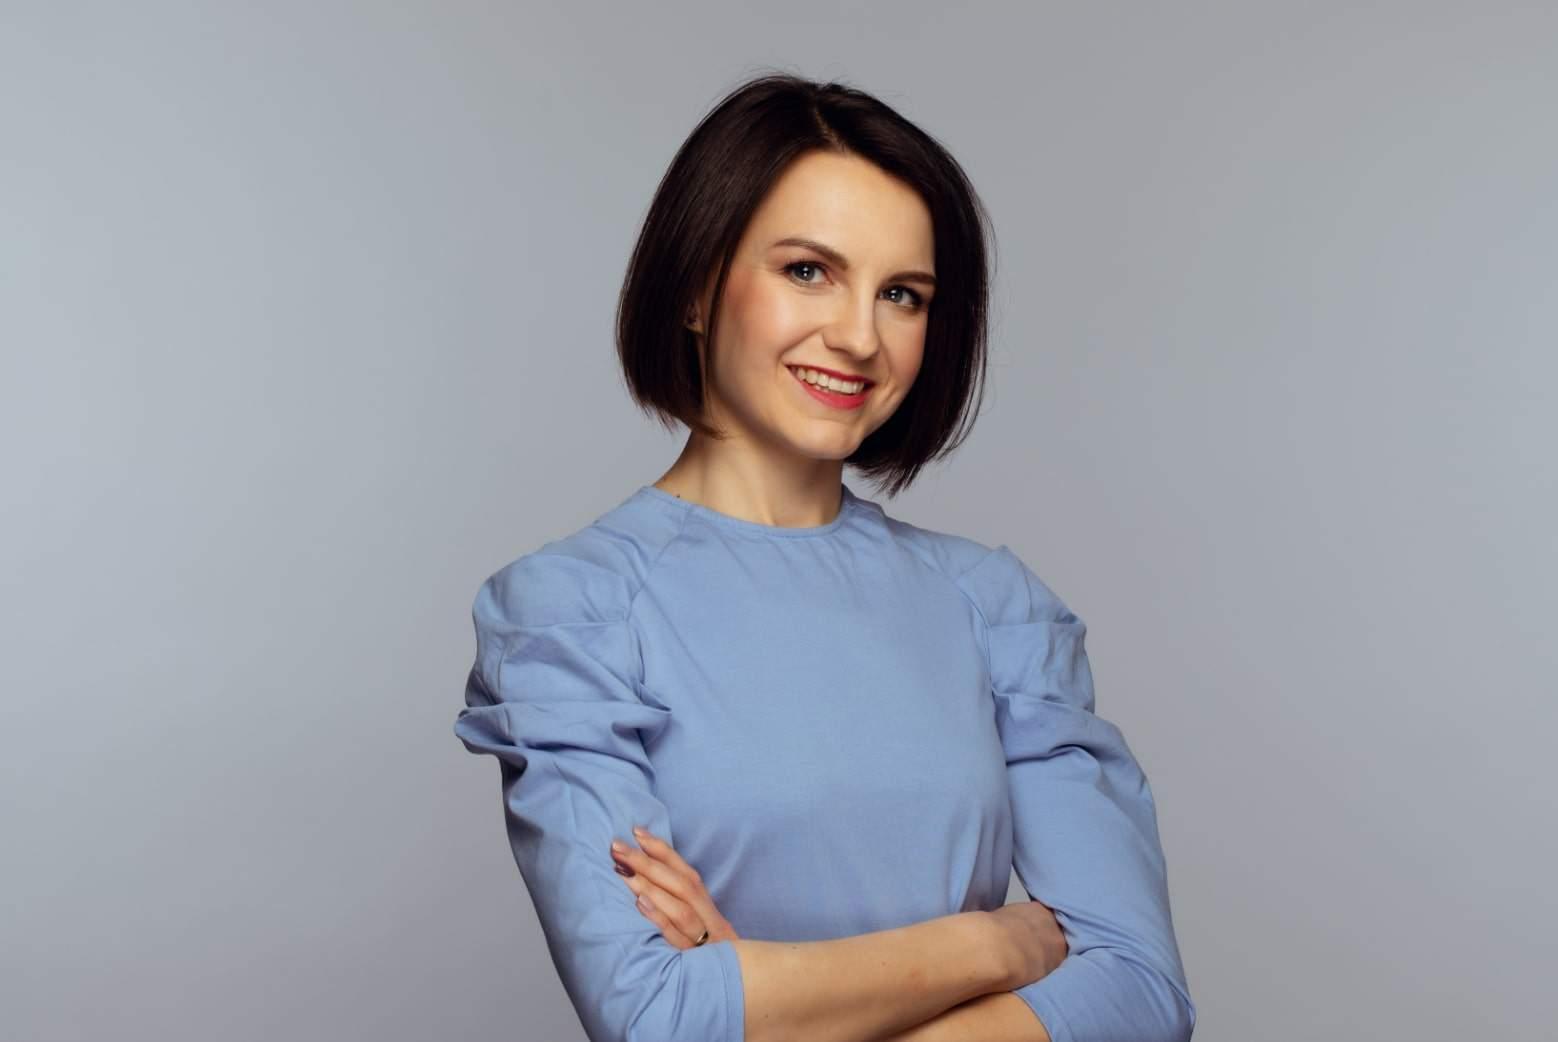 Joanna Rychel